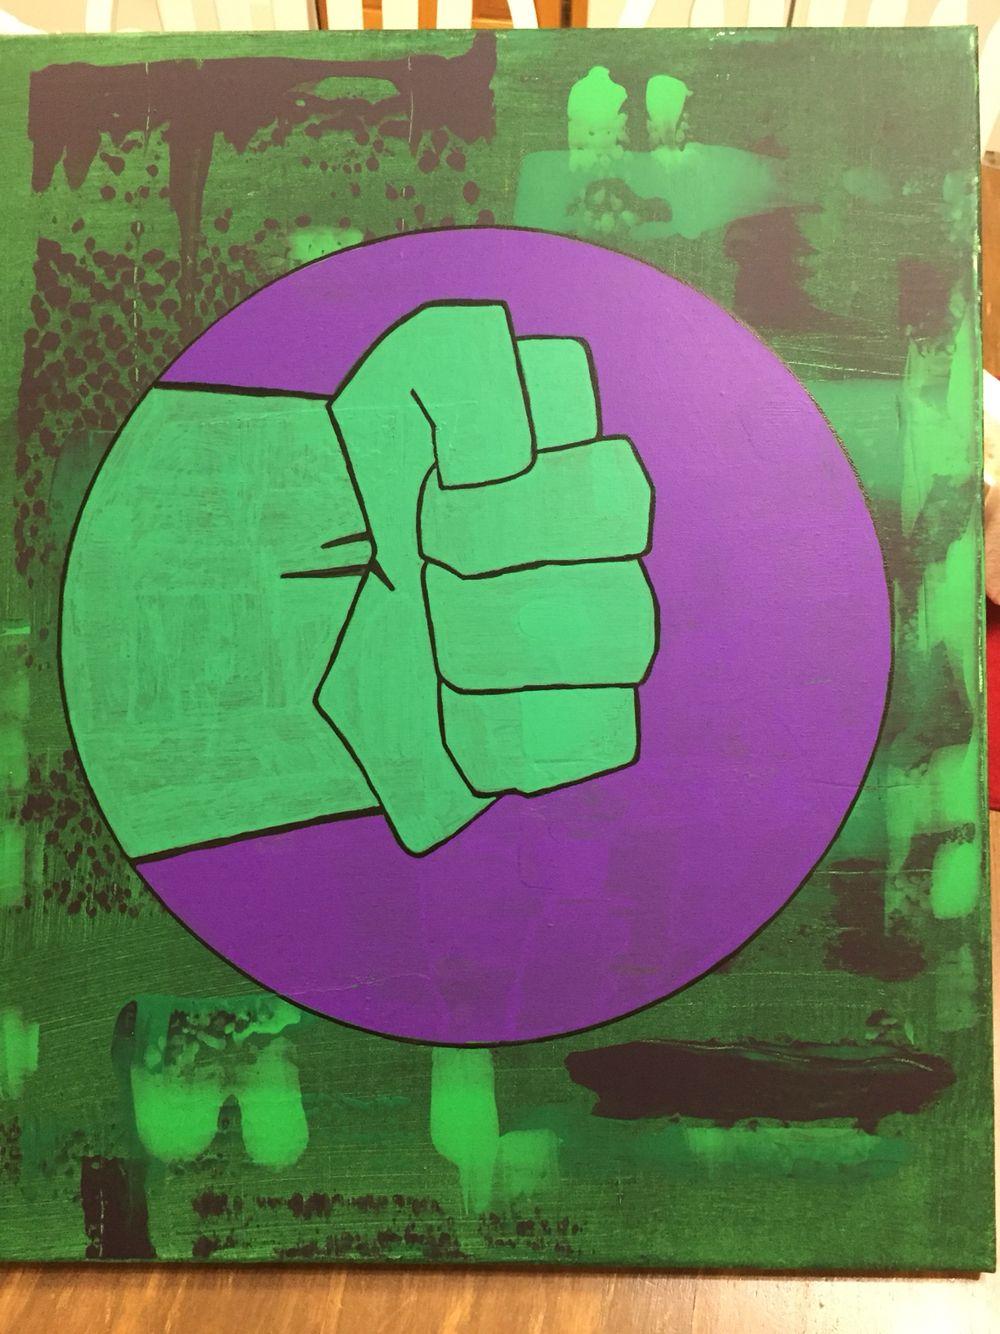 Hulk abstract